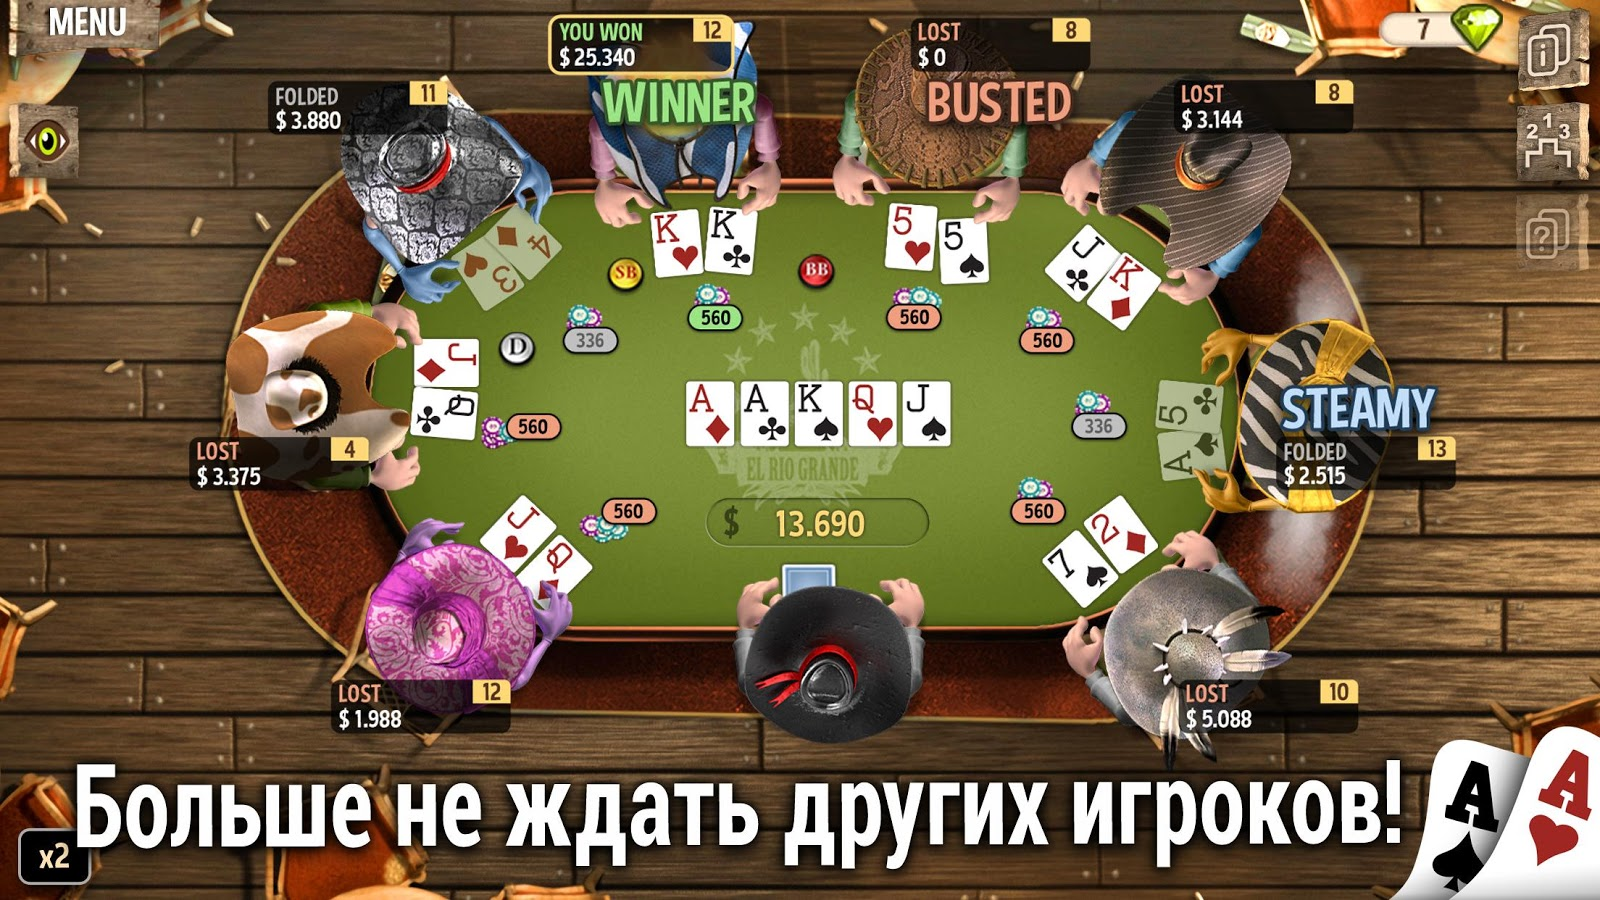 Играть онлайн в король покера 1 играть онлайн бесплатно на русском как обманываю в онлайн казино